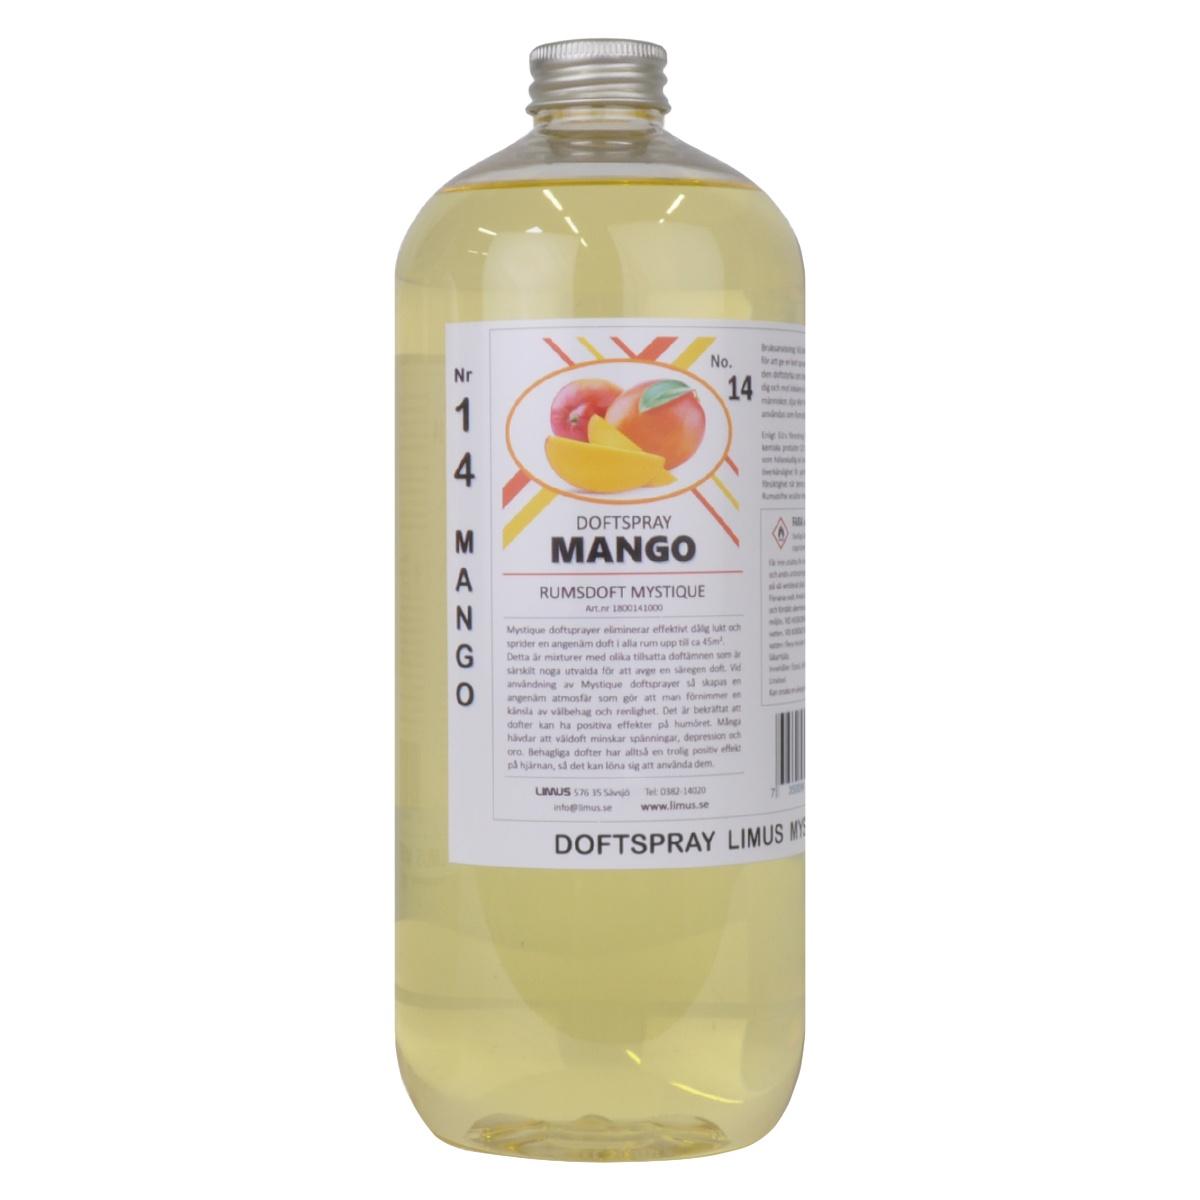 Doftvätska Mango 1000ml